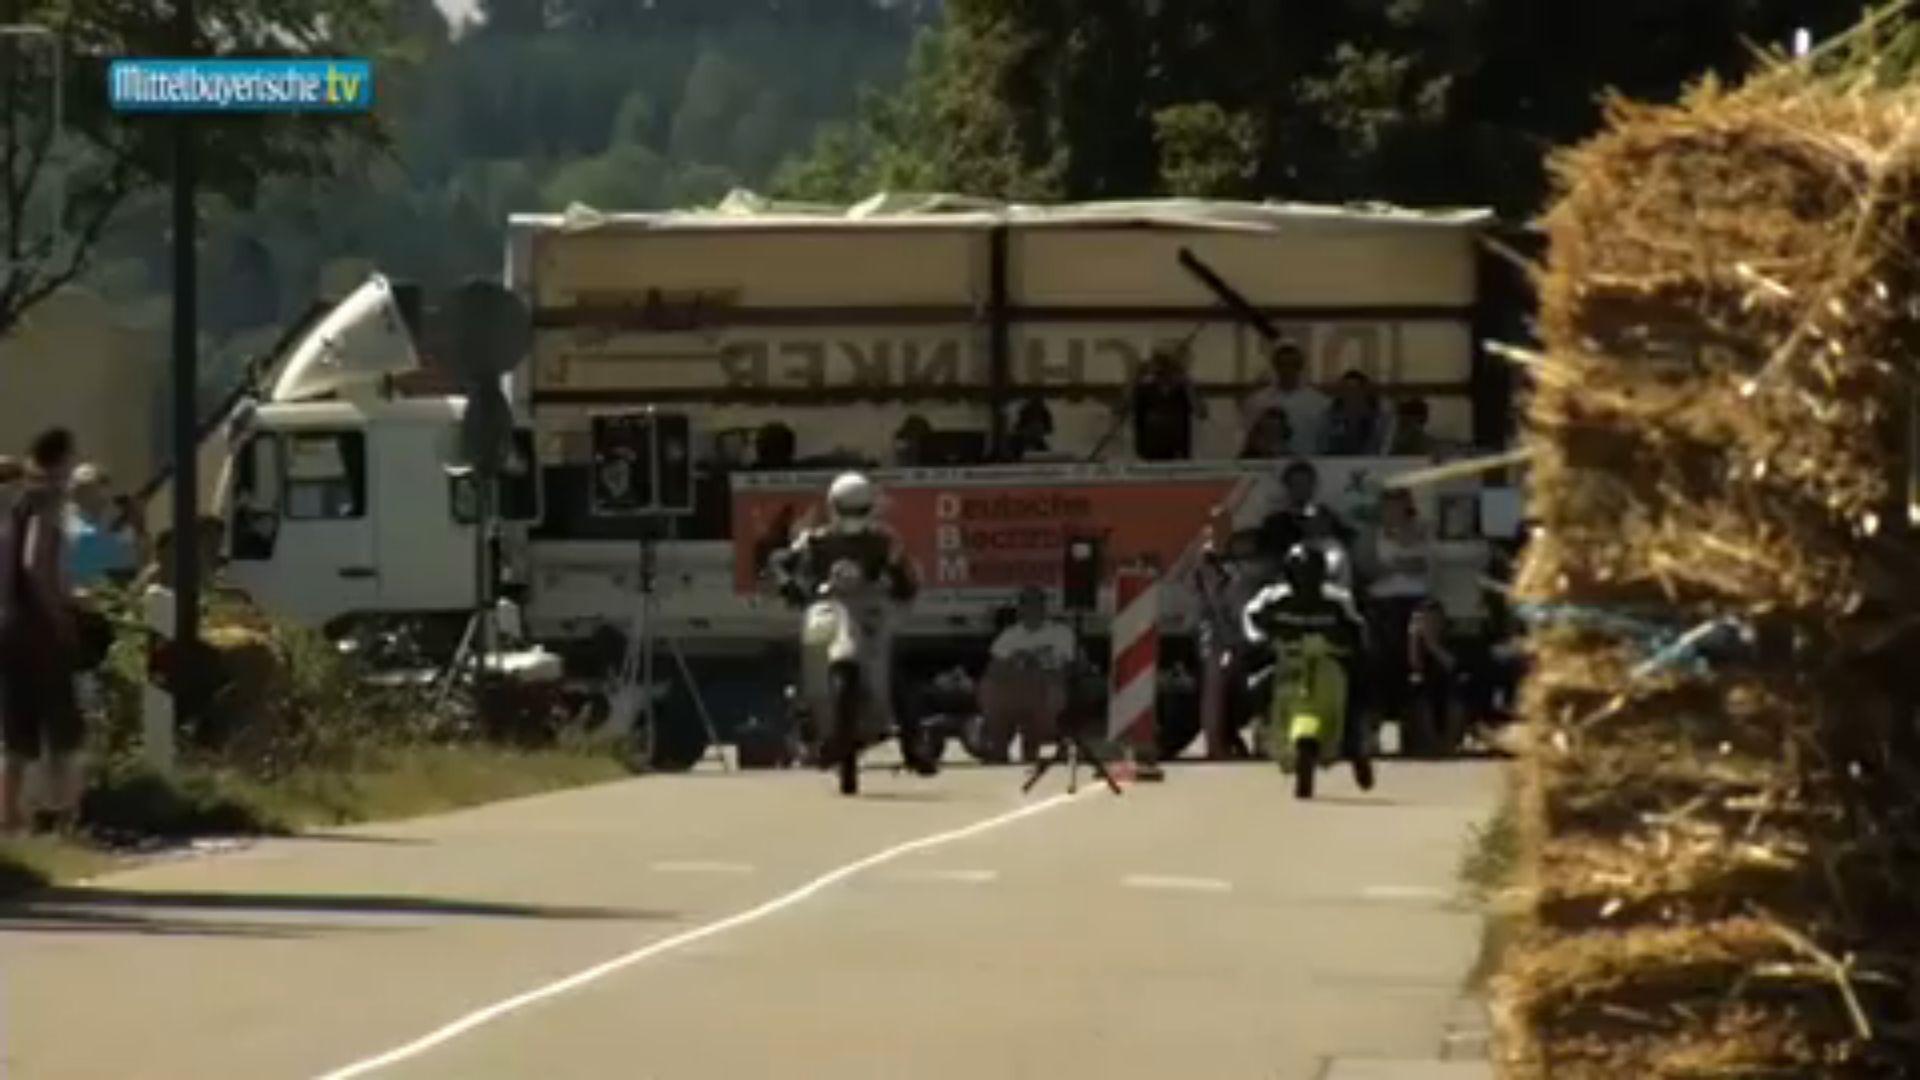 Videobericht Mittelbayrische TV (Quelle: http://bcove.me/bugmsttd)